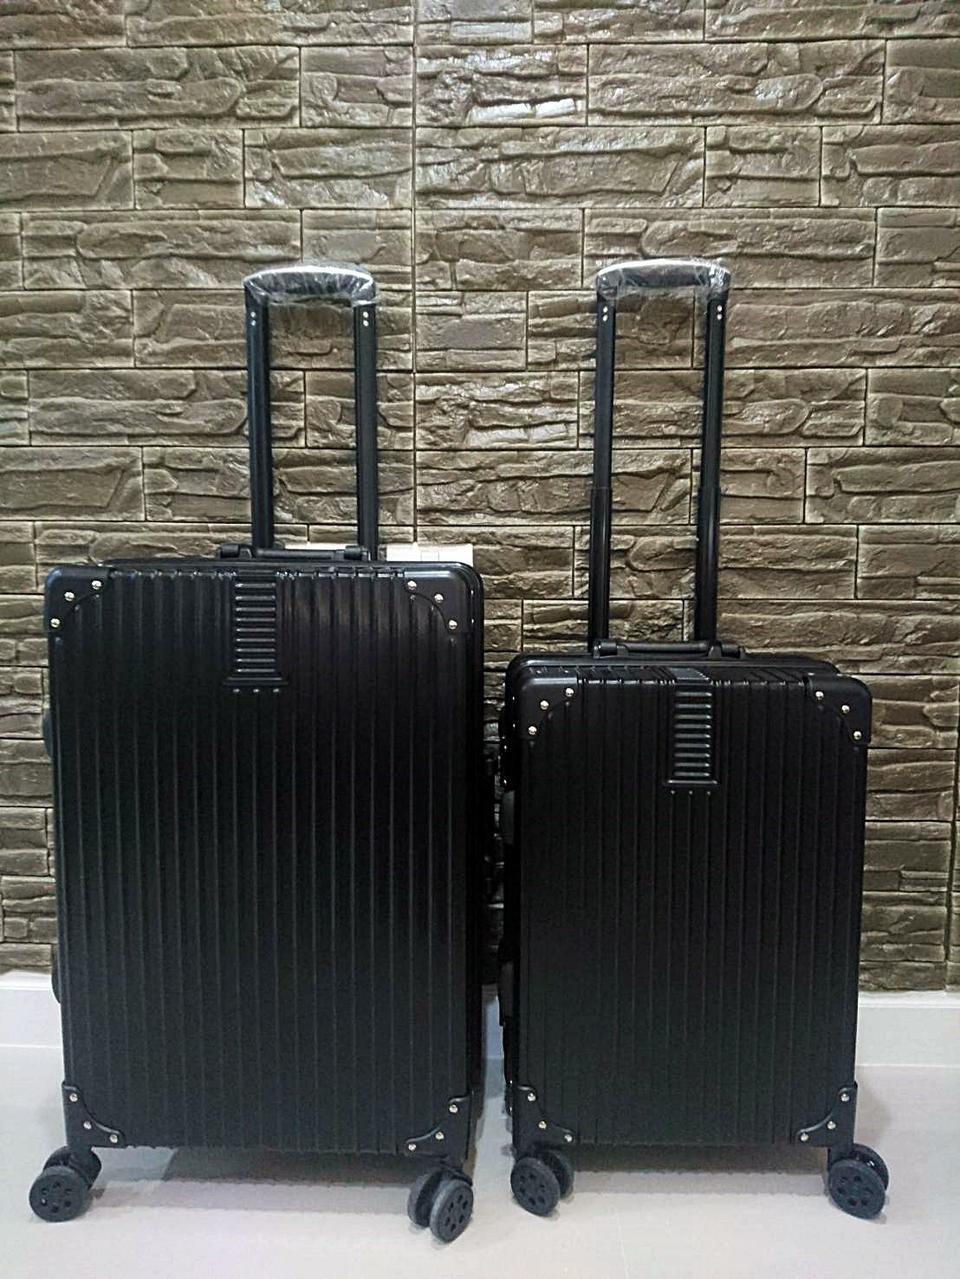 กระเป๋าเดินทาง ขอบอลูมิเนียม รุ่น คัลเลอร์ฟูล รูปที่ 4